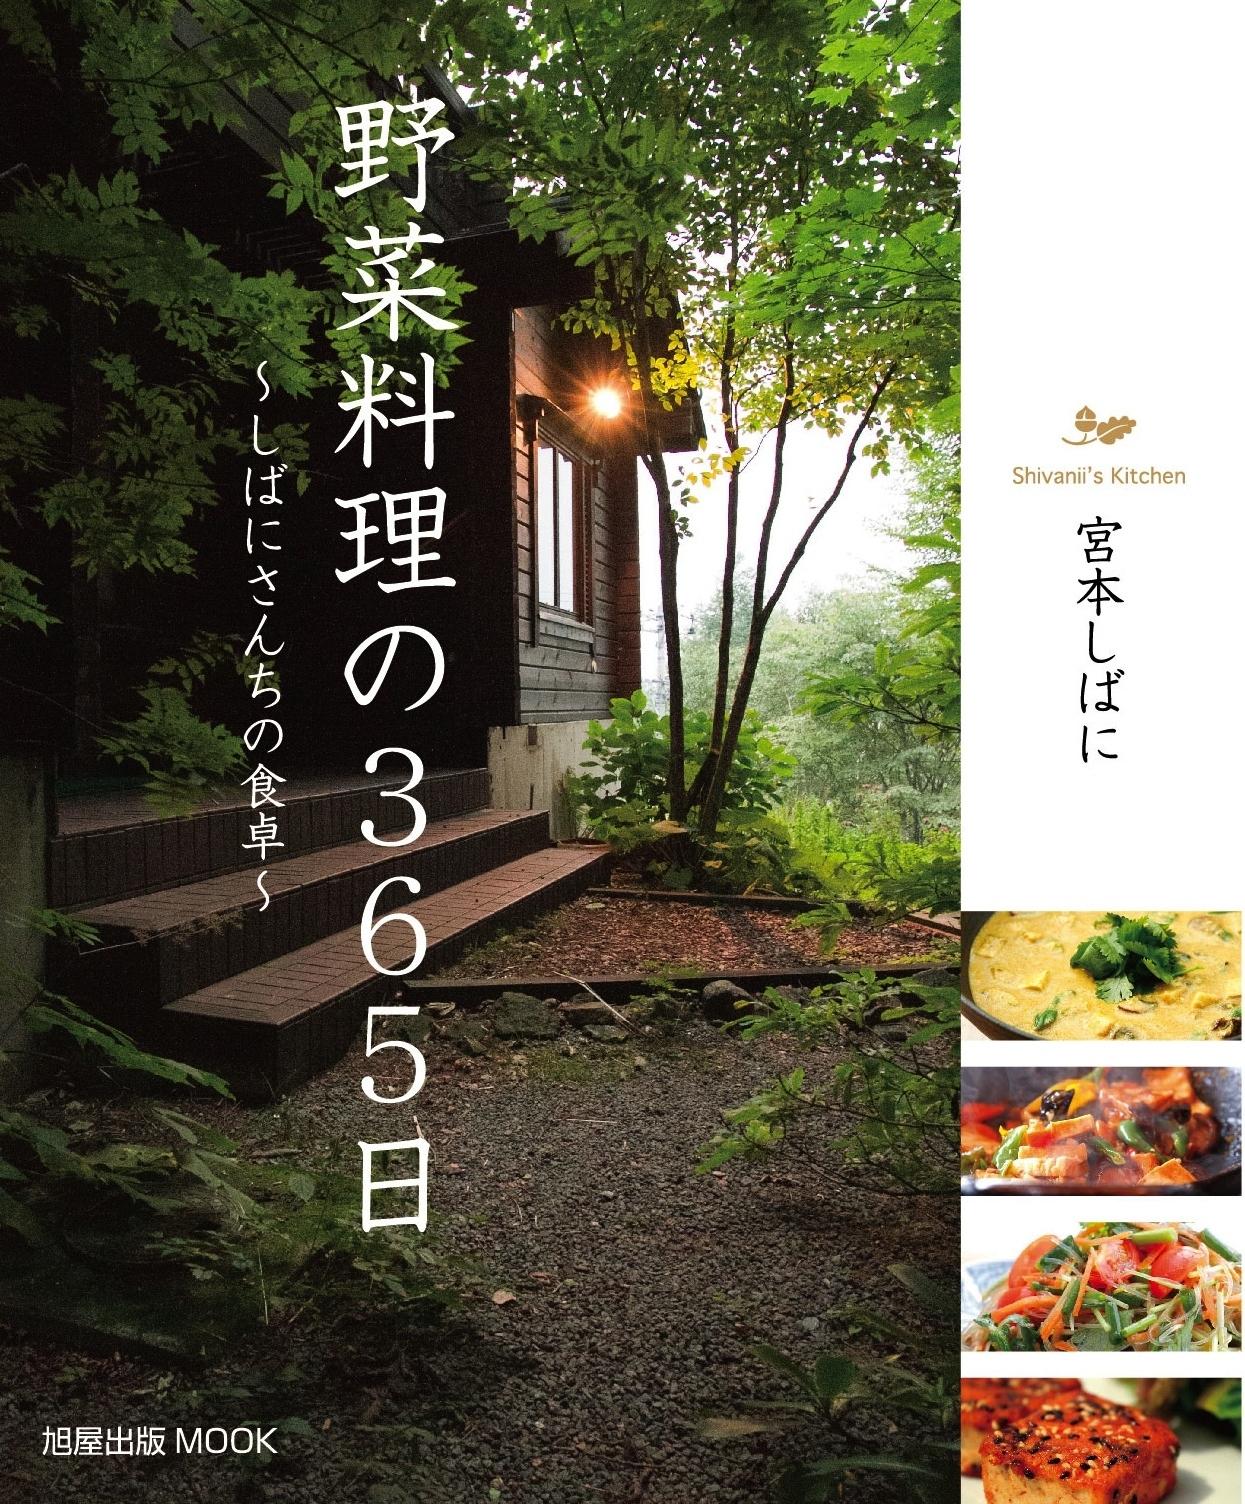 店主の著書2「野菜料理の356日」